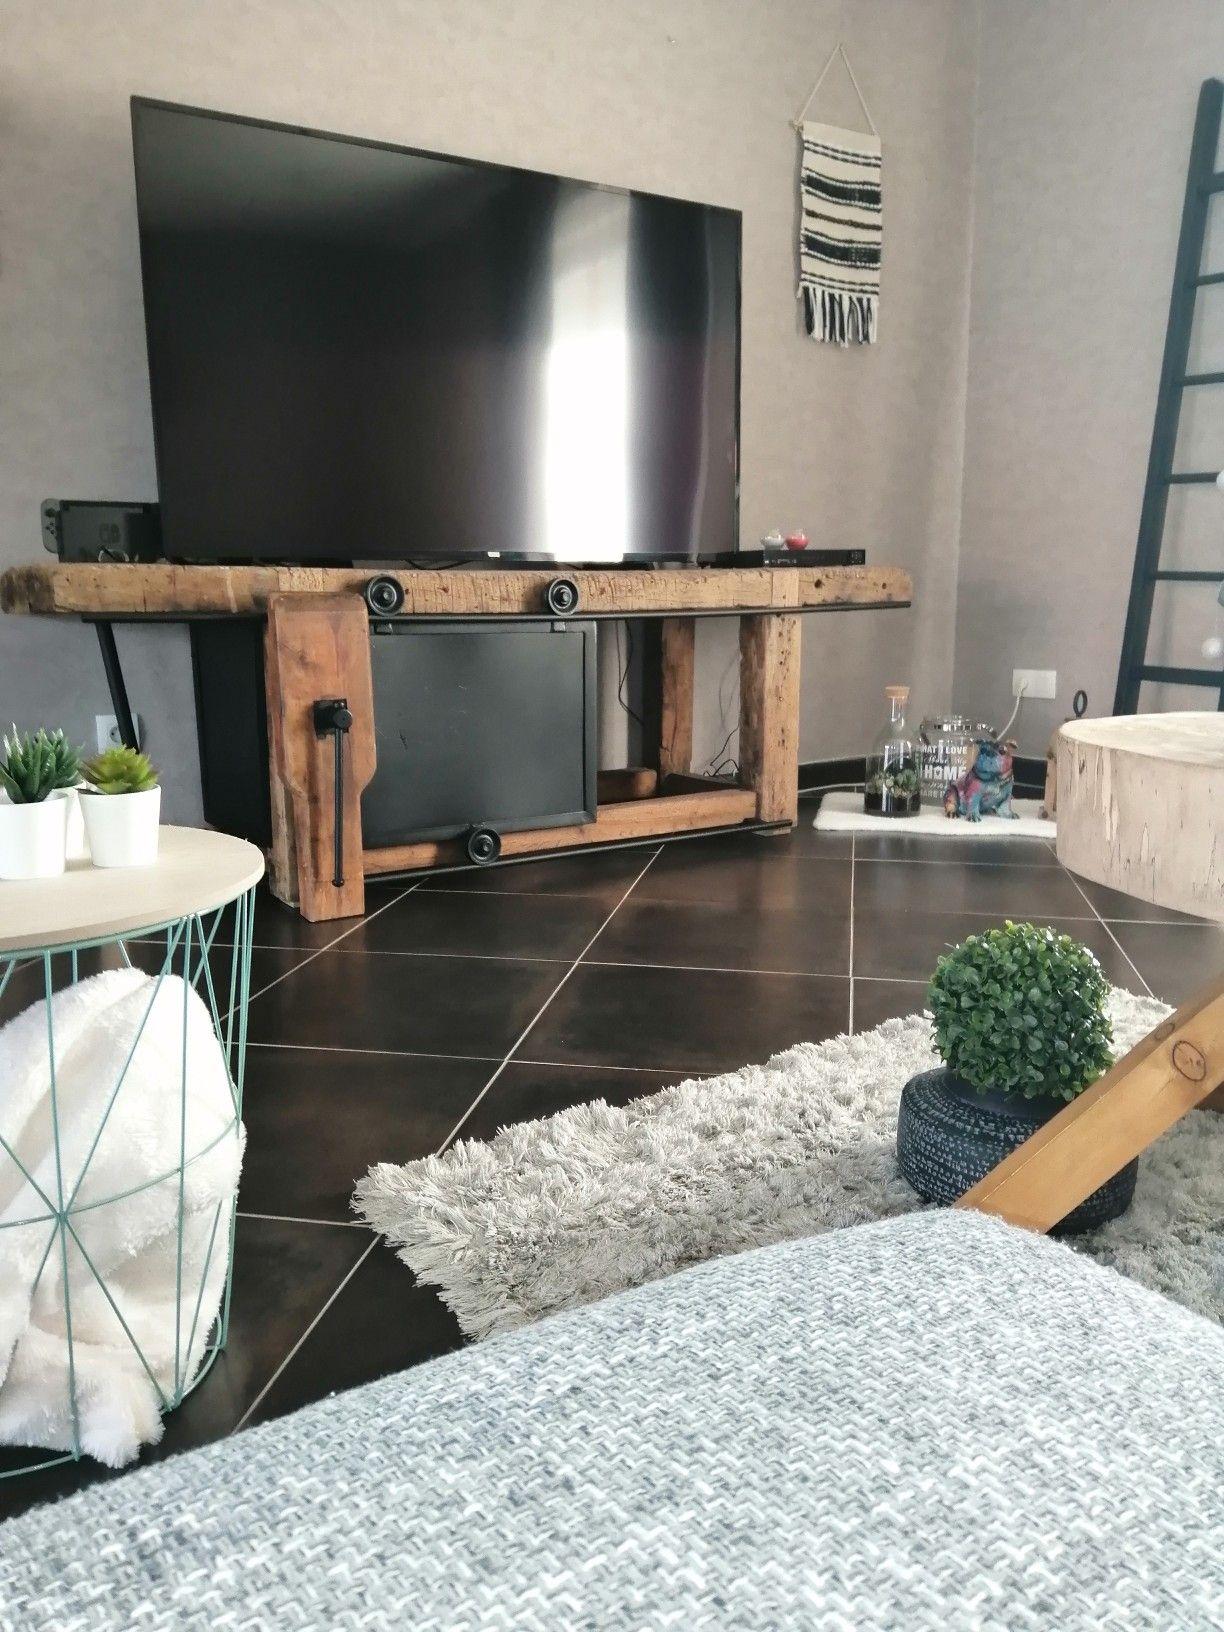 Etabli Transforme En Meuble Tv Par Nos Soins Les Etapes De La Renovation Sont Disponibles Dans U Deco Maison Interieur Mobilier De Salon Relooking De Mobilier